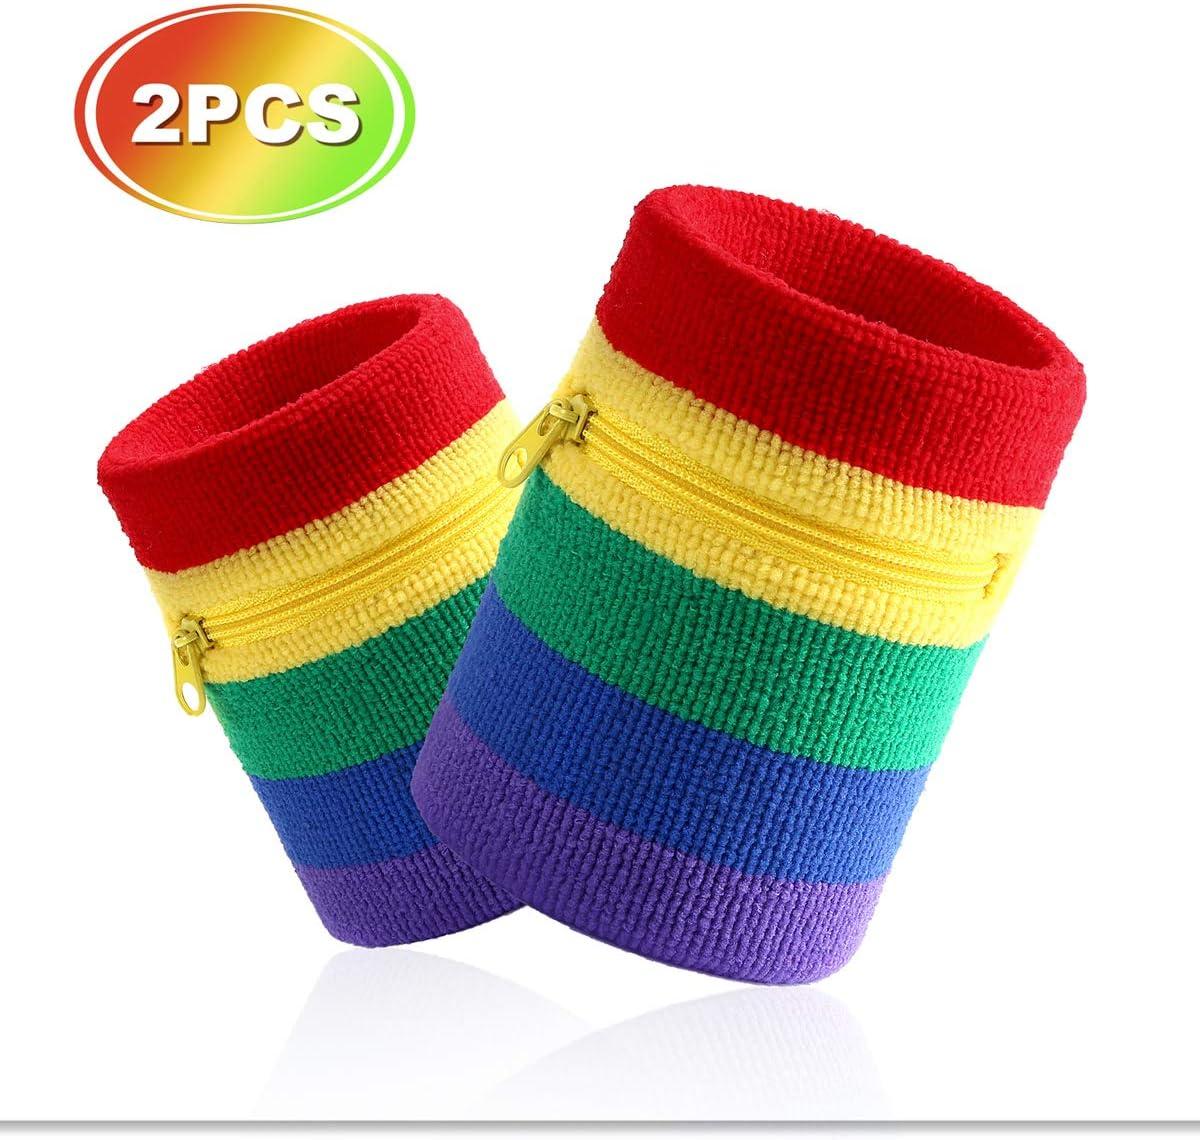 VENI MASEE Sport spessa braccialetto di colore solido con cerniera//portafoglio da polso 2PCS PACK